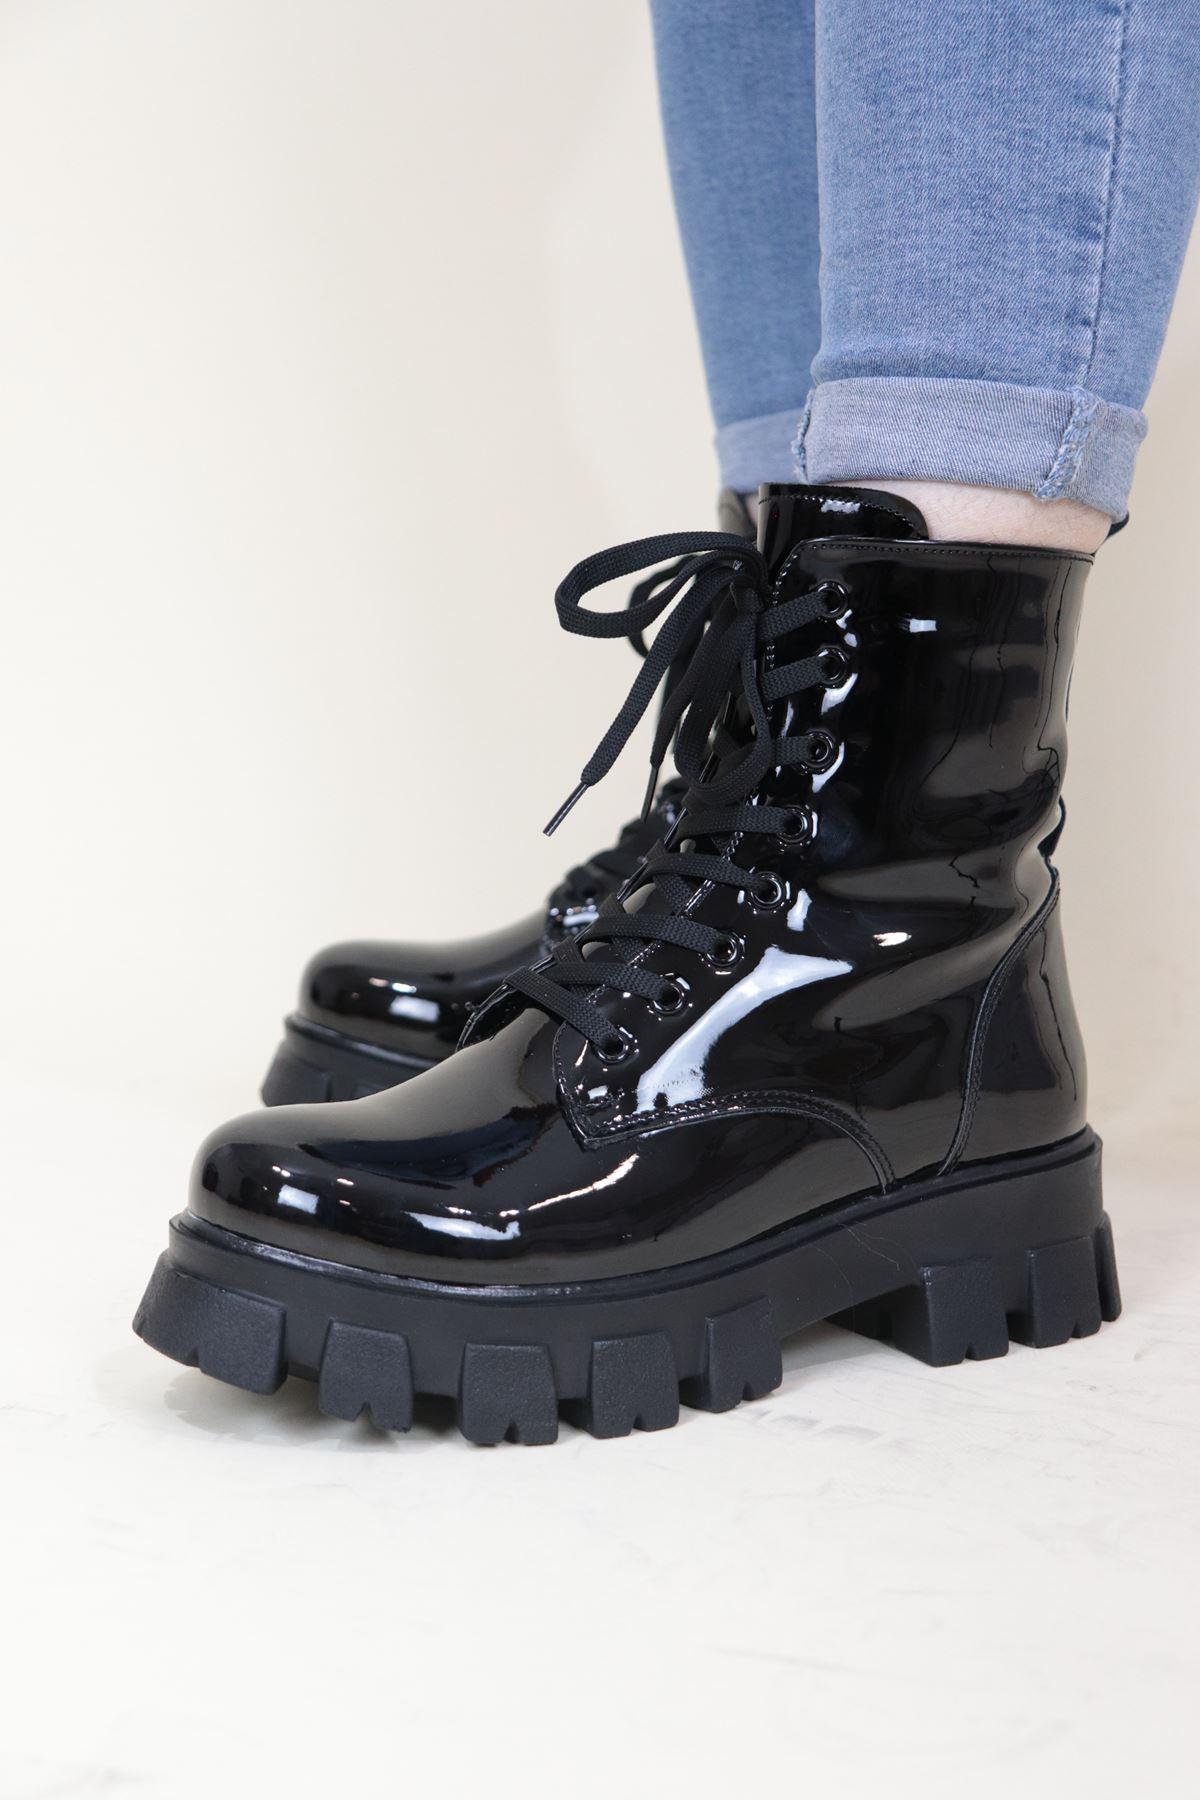 Trendayakkabı - Siyah Rugan Kalın Taban Kadın Bot